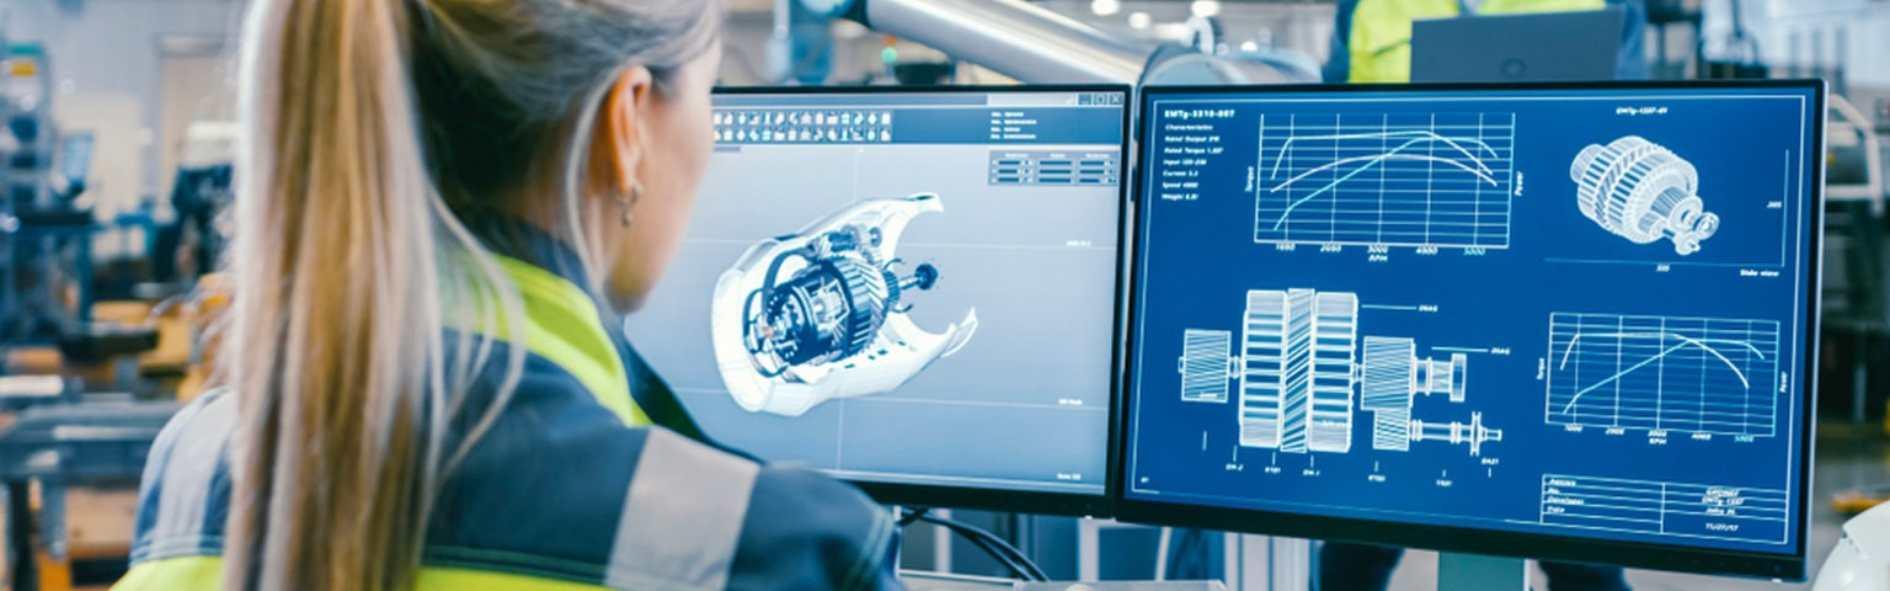 Descubre el autómata programable y su importancia en el mundo de la industria